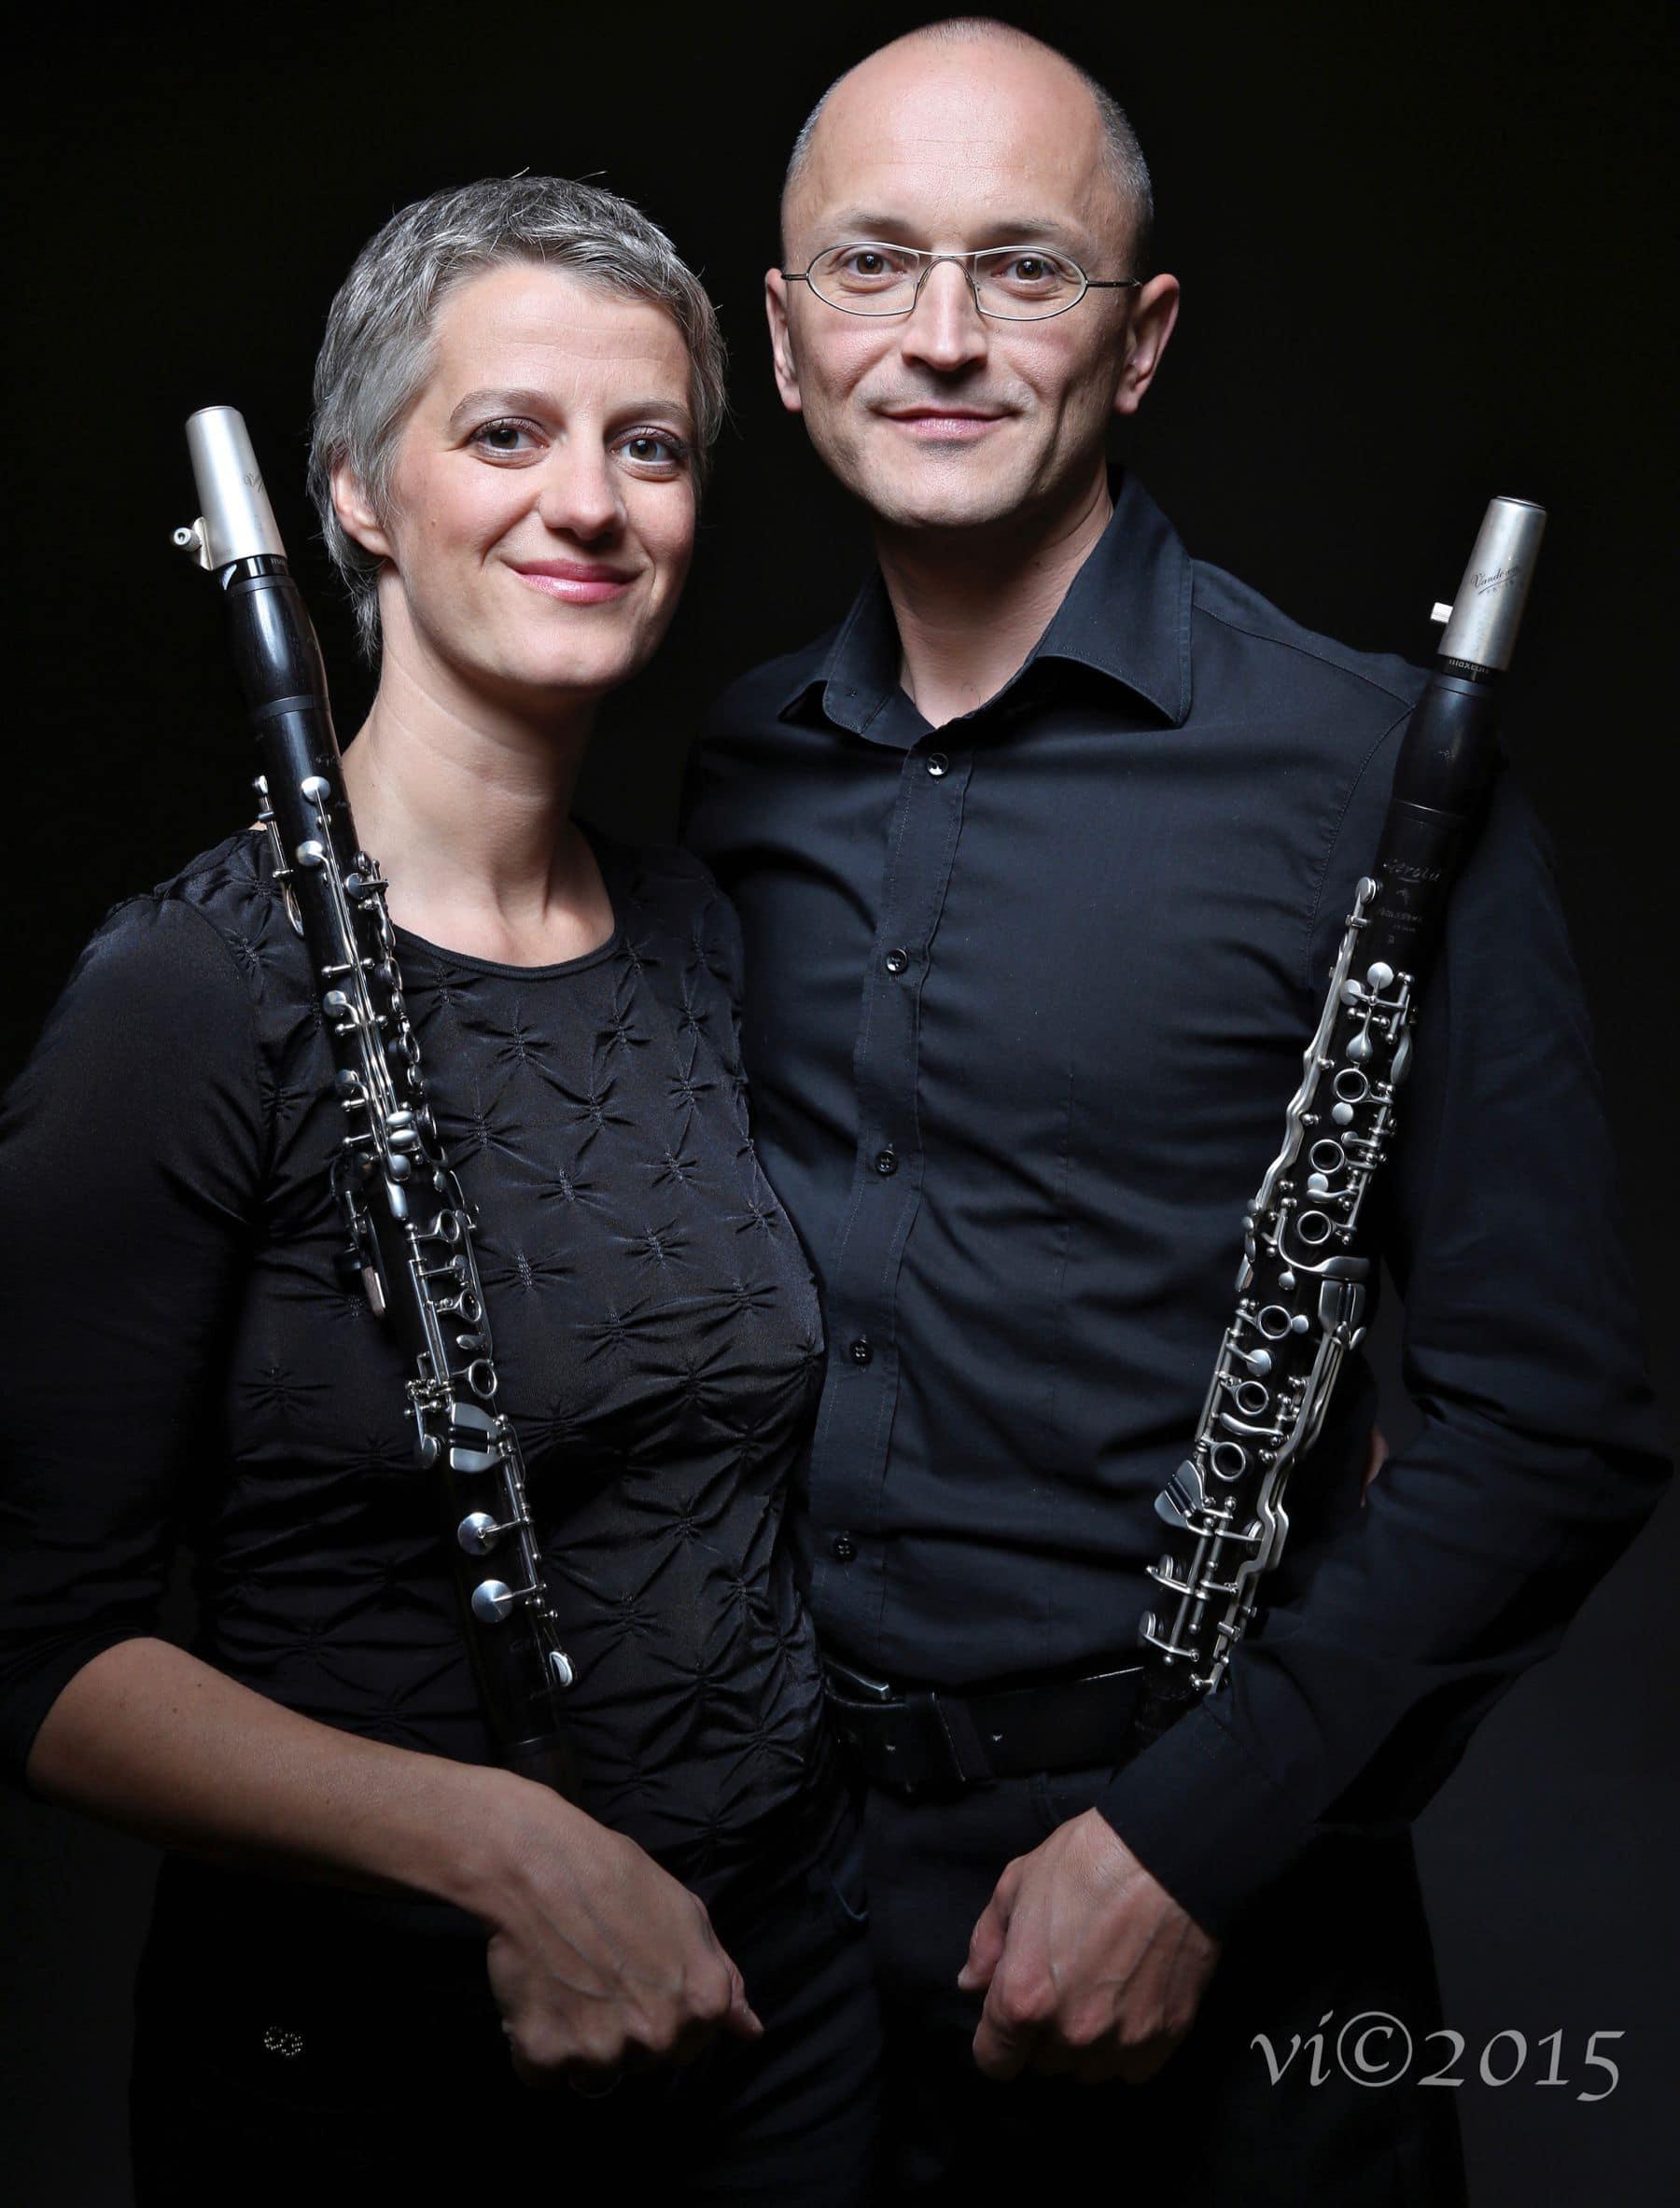 Klarinetten Duo Stump-Linshalm zu gast bei ohton im November 2021